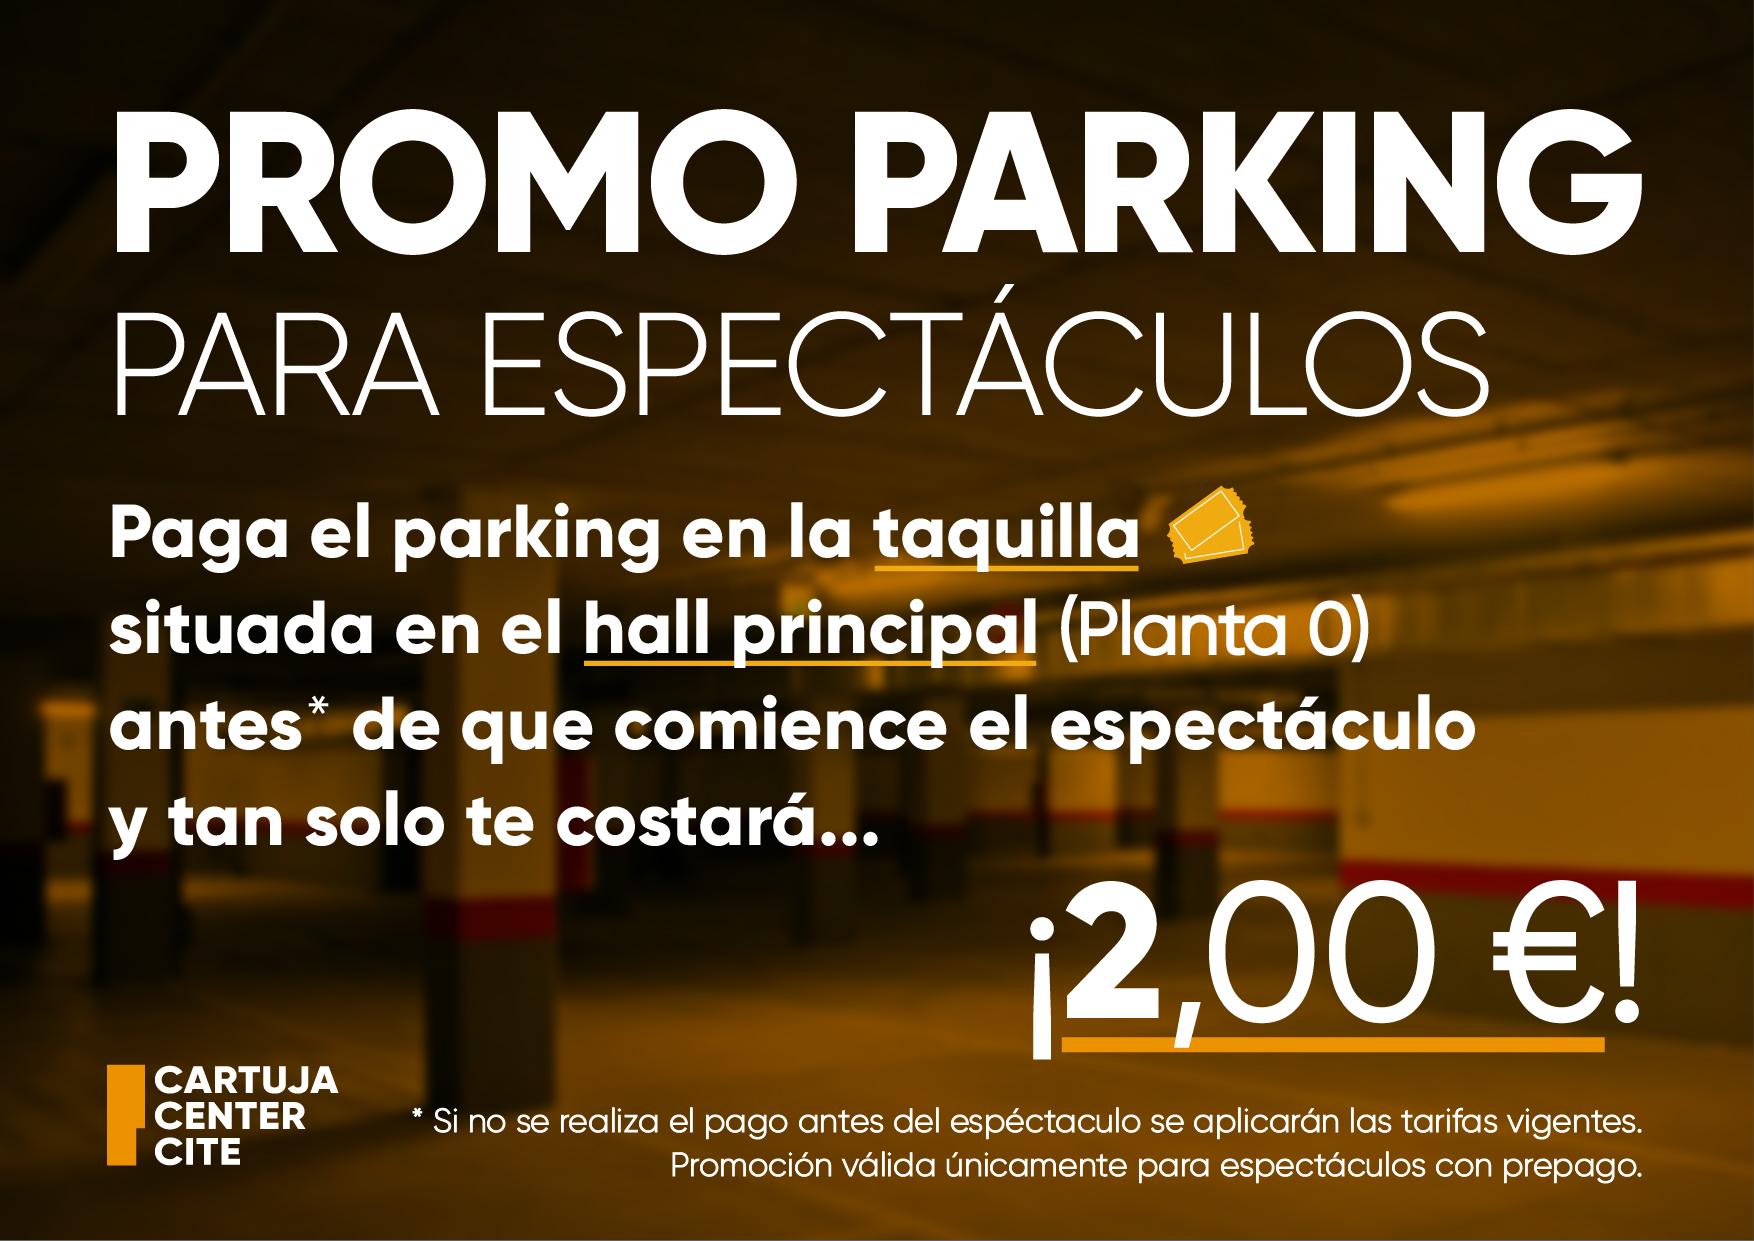 promoción parking cartuja center